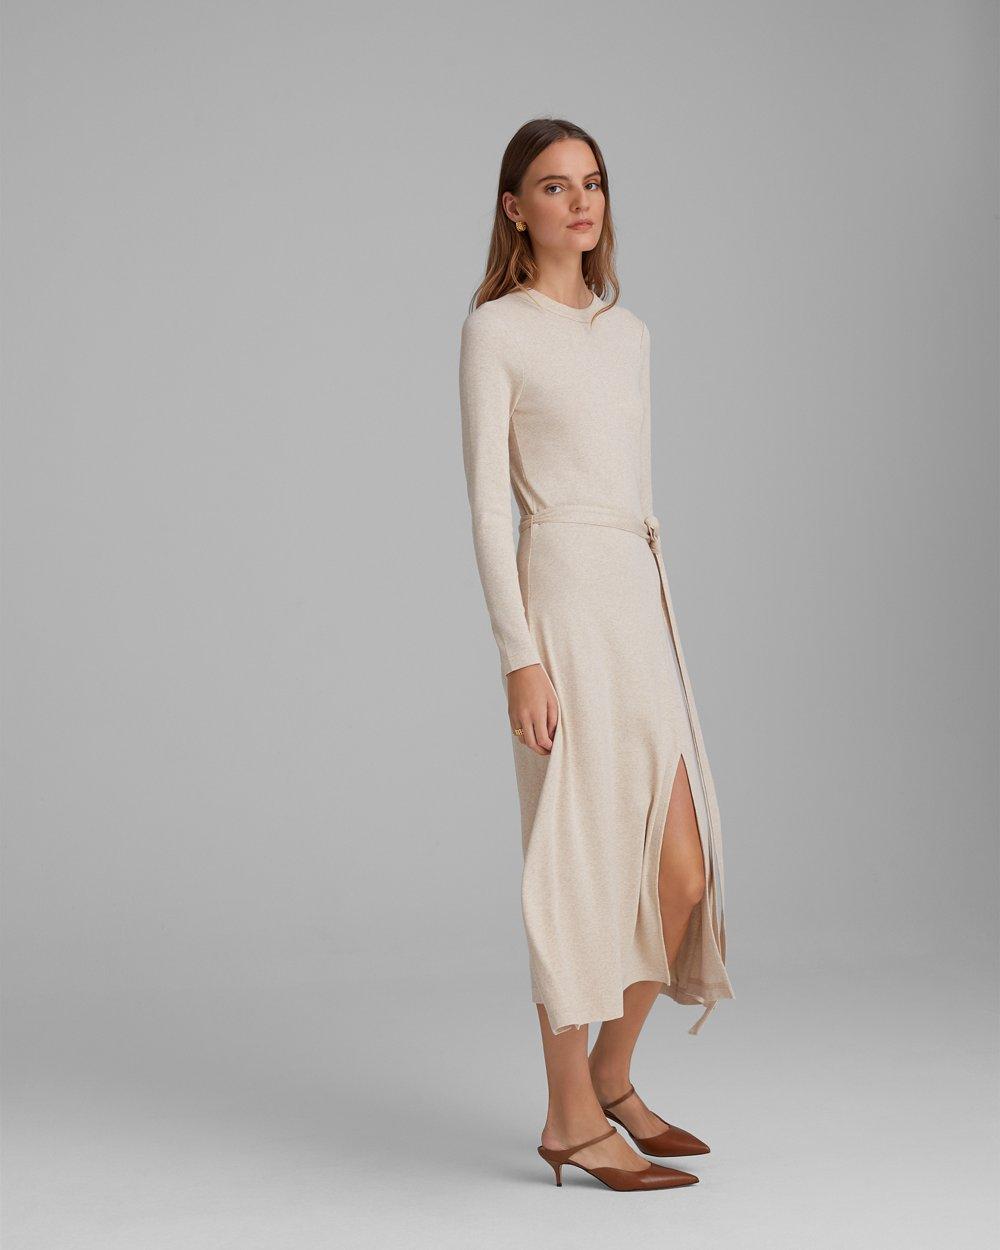 Women's Long Sleeve Rib Knit Dress   Club Monaco